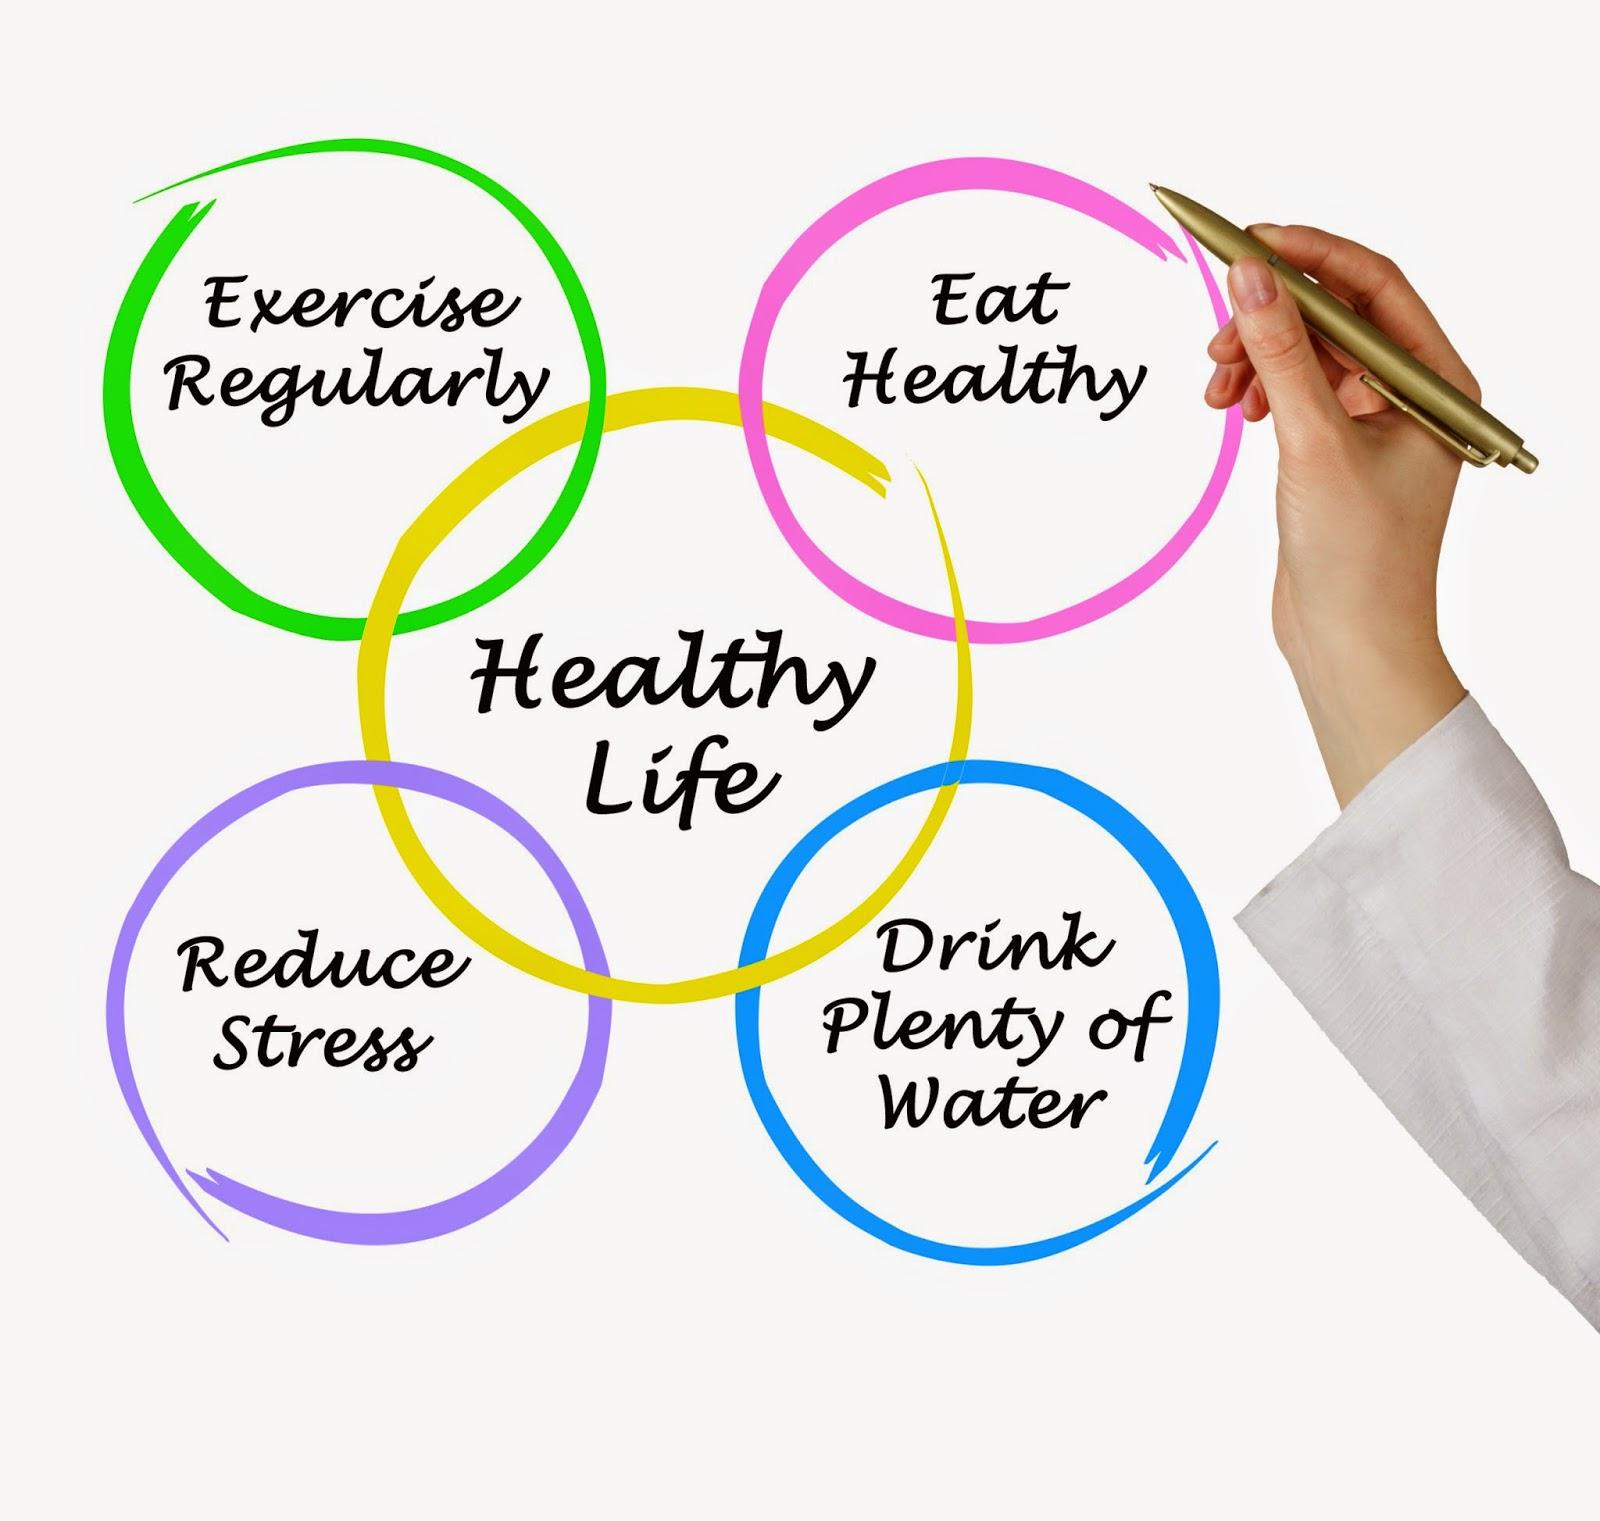 Cara Hidup Sehat Cara Hidup Sehat Yang Baik Dan